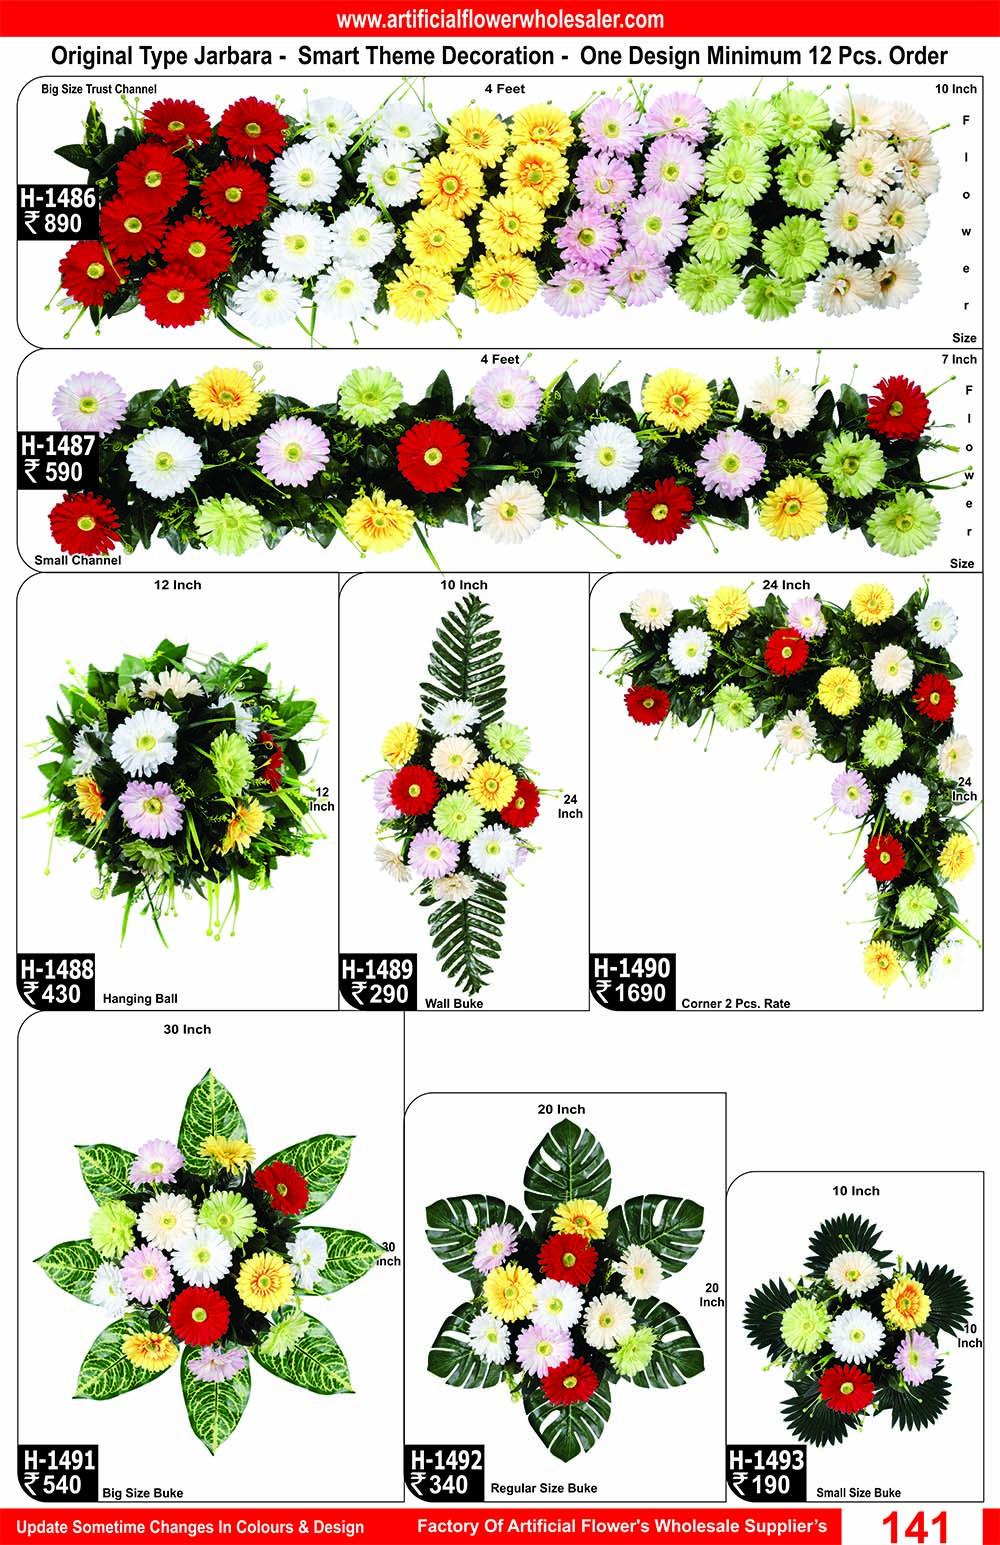 141-artificial-flower-wholesaler